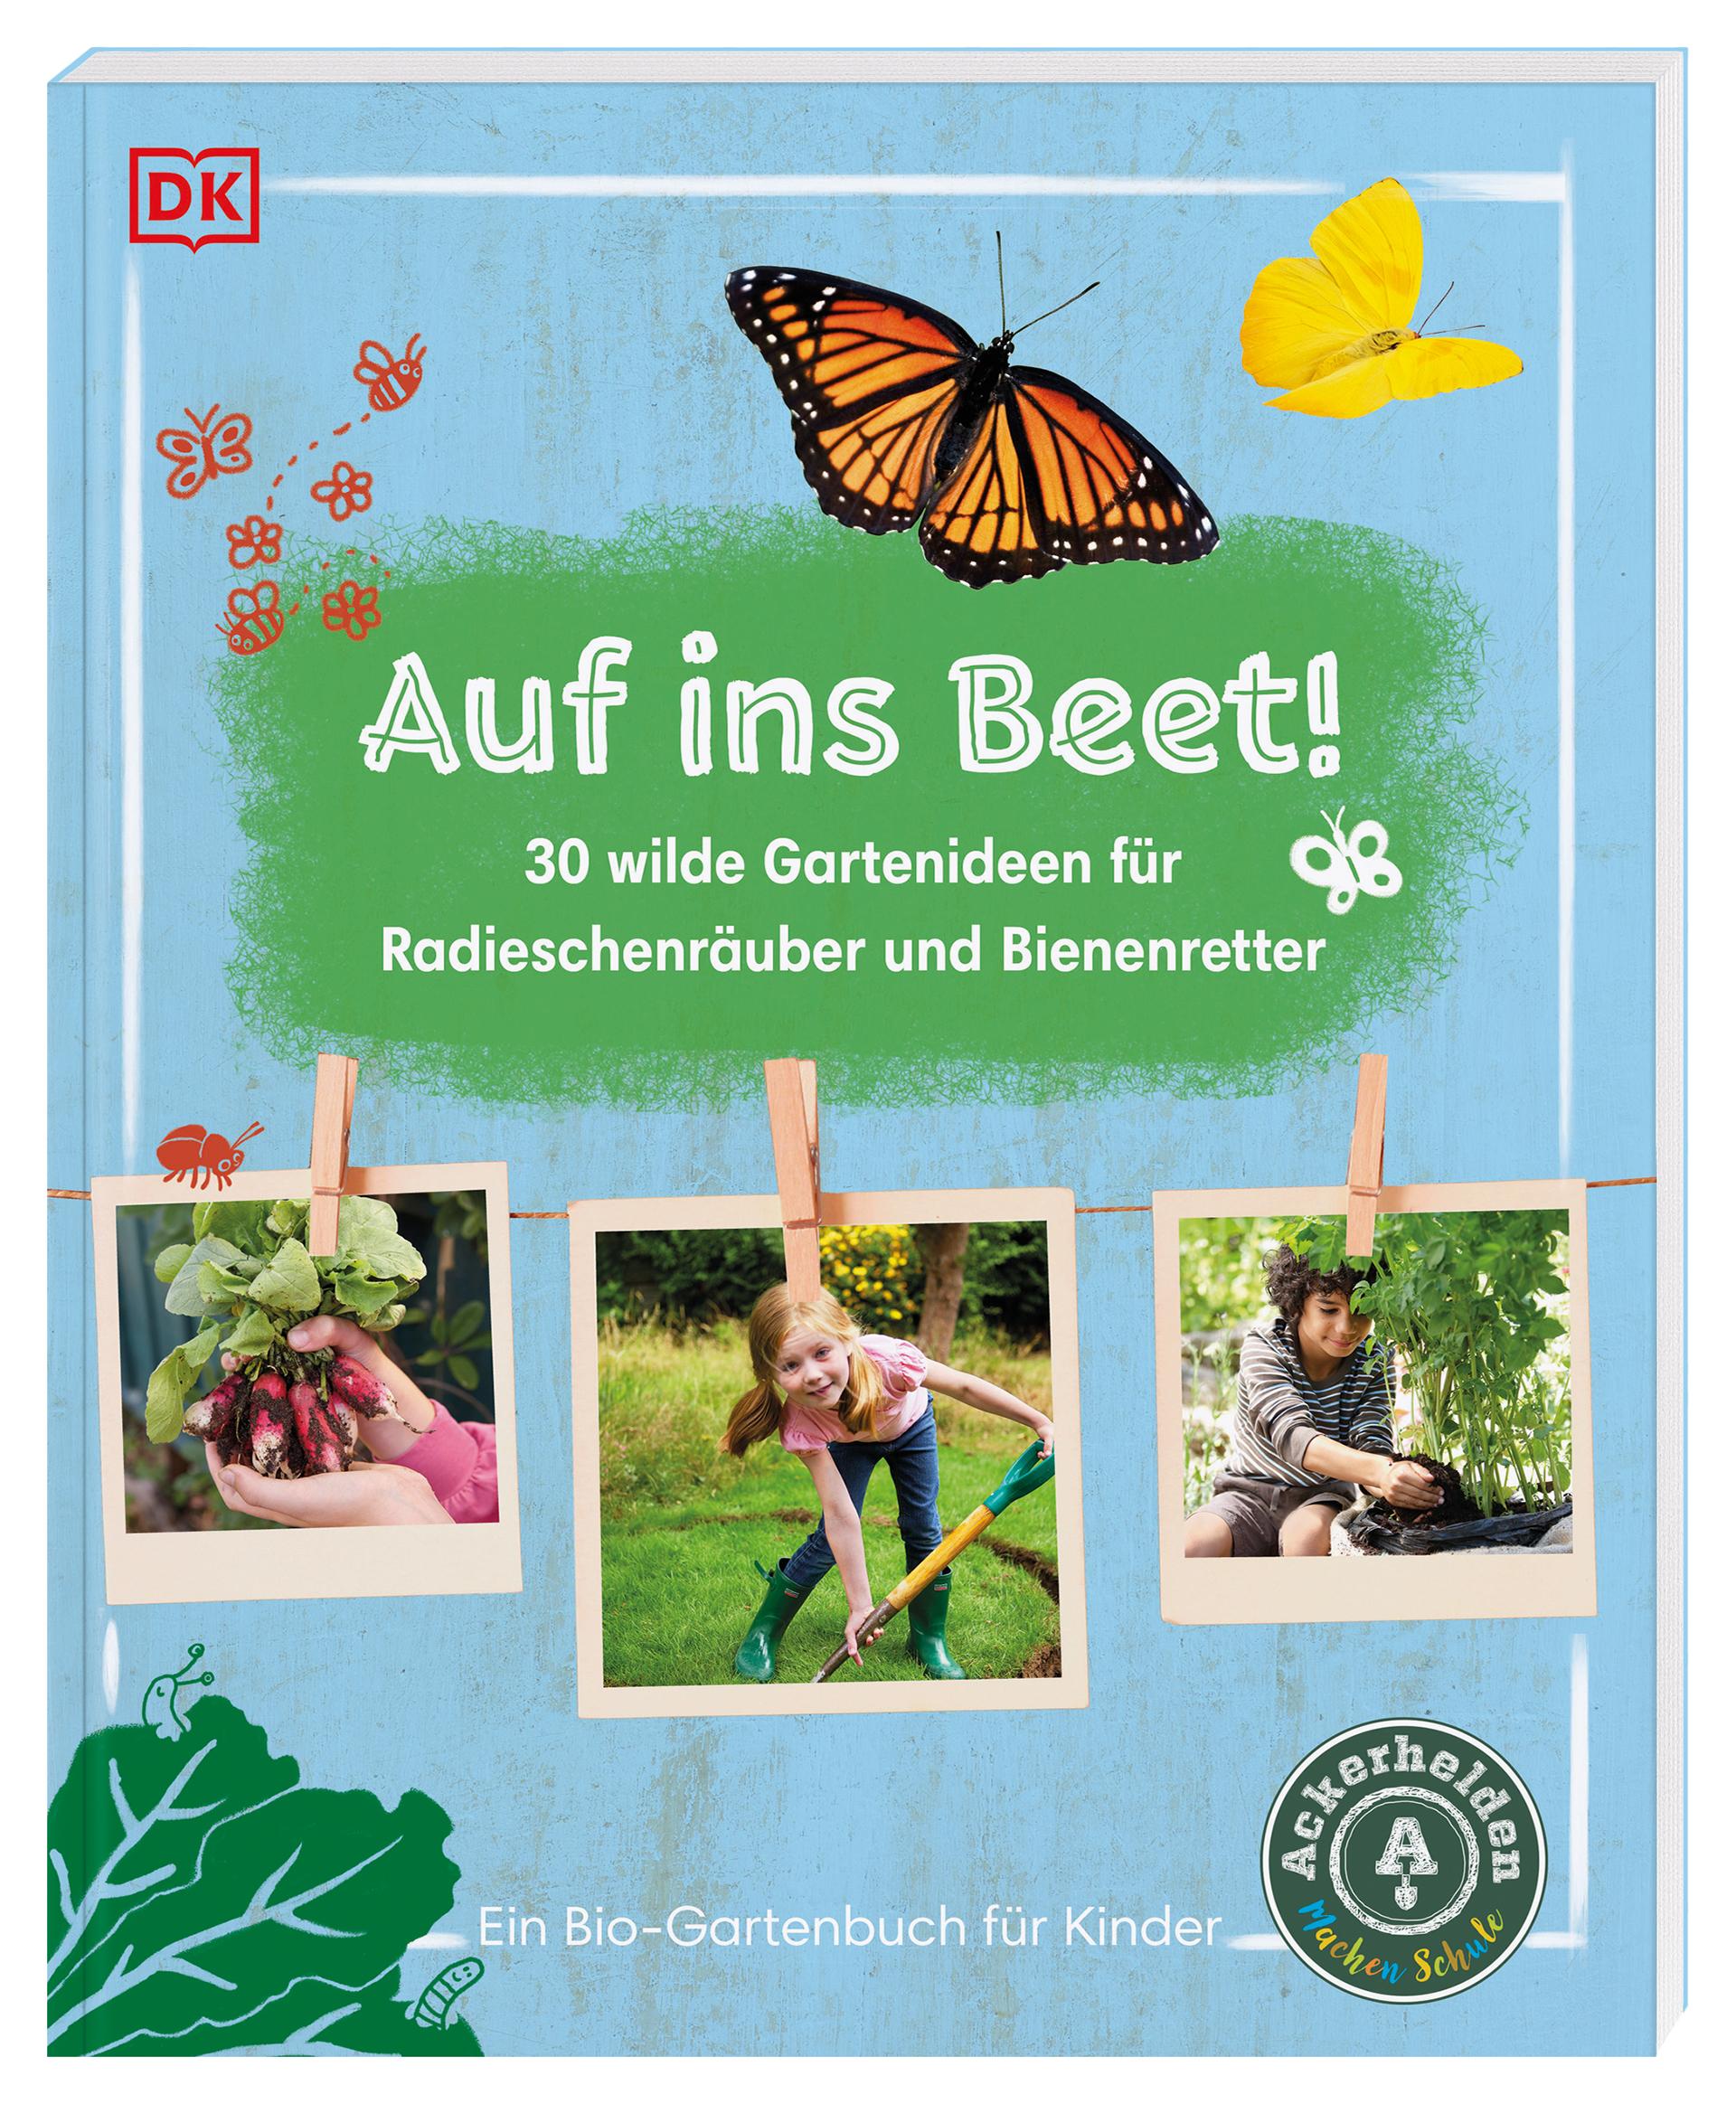 Auf ins Beet! 30 wilde Gartenideen für Radieschenräuber und Bienenretter